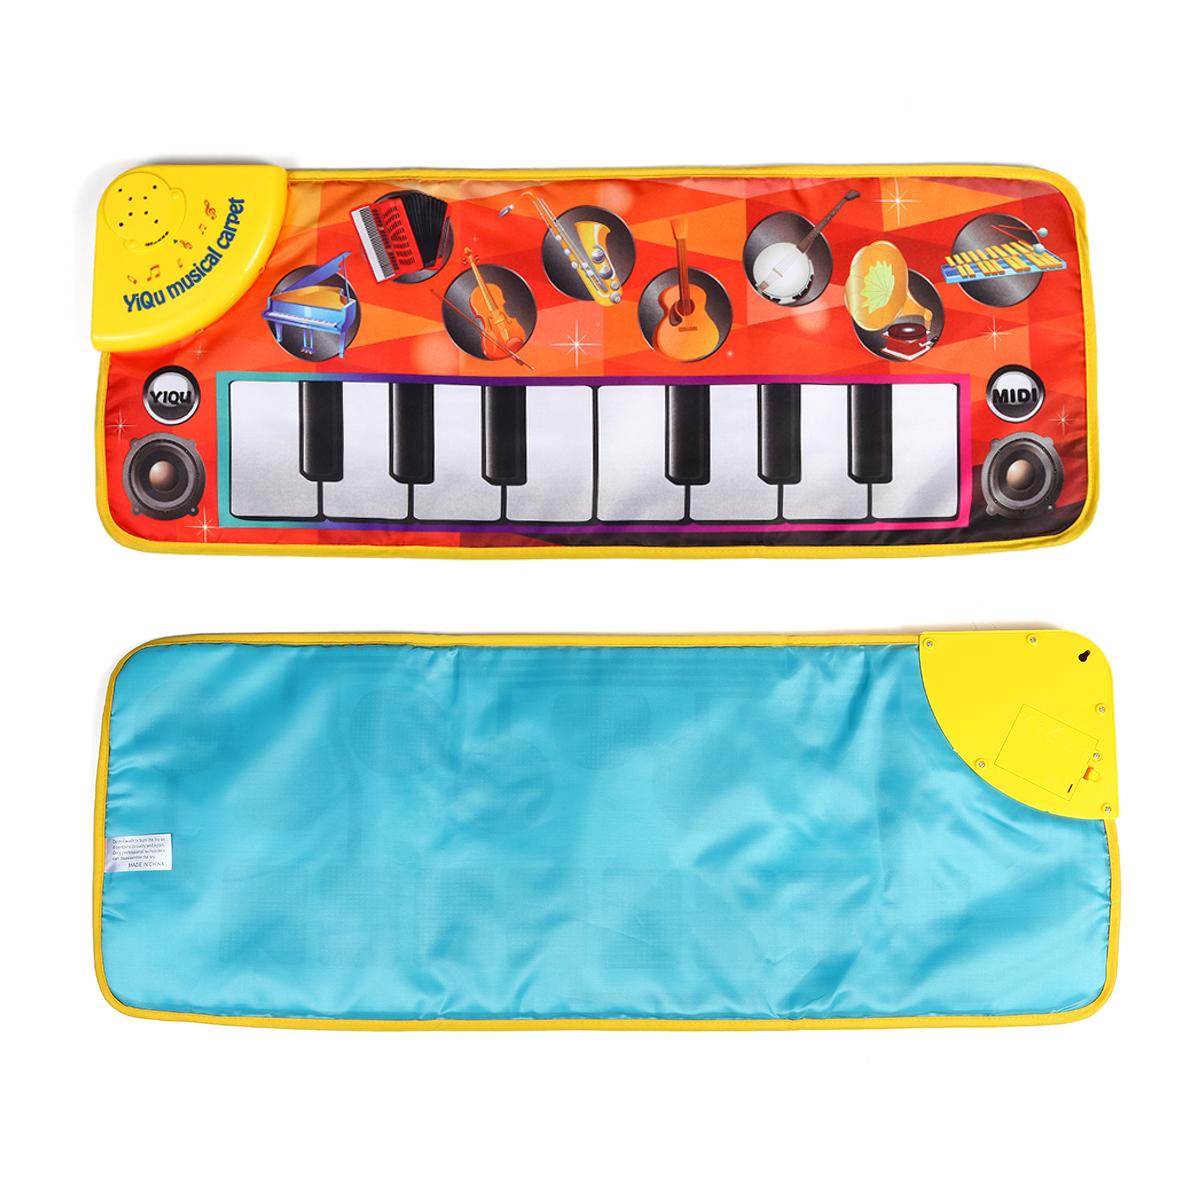 Х 28 СМ Детские Soft Музыкальный Коврик Детский Ползать Фортепиано Ковер Музыкальные Детские Игрушки Подарок